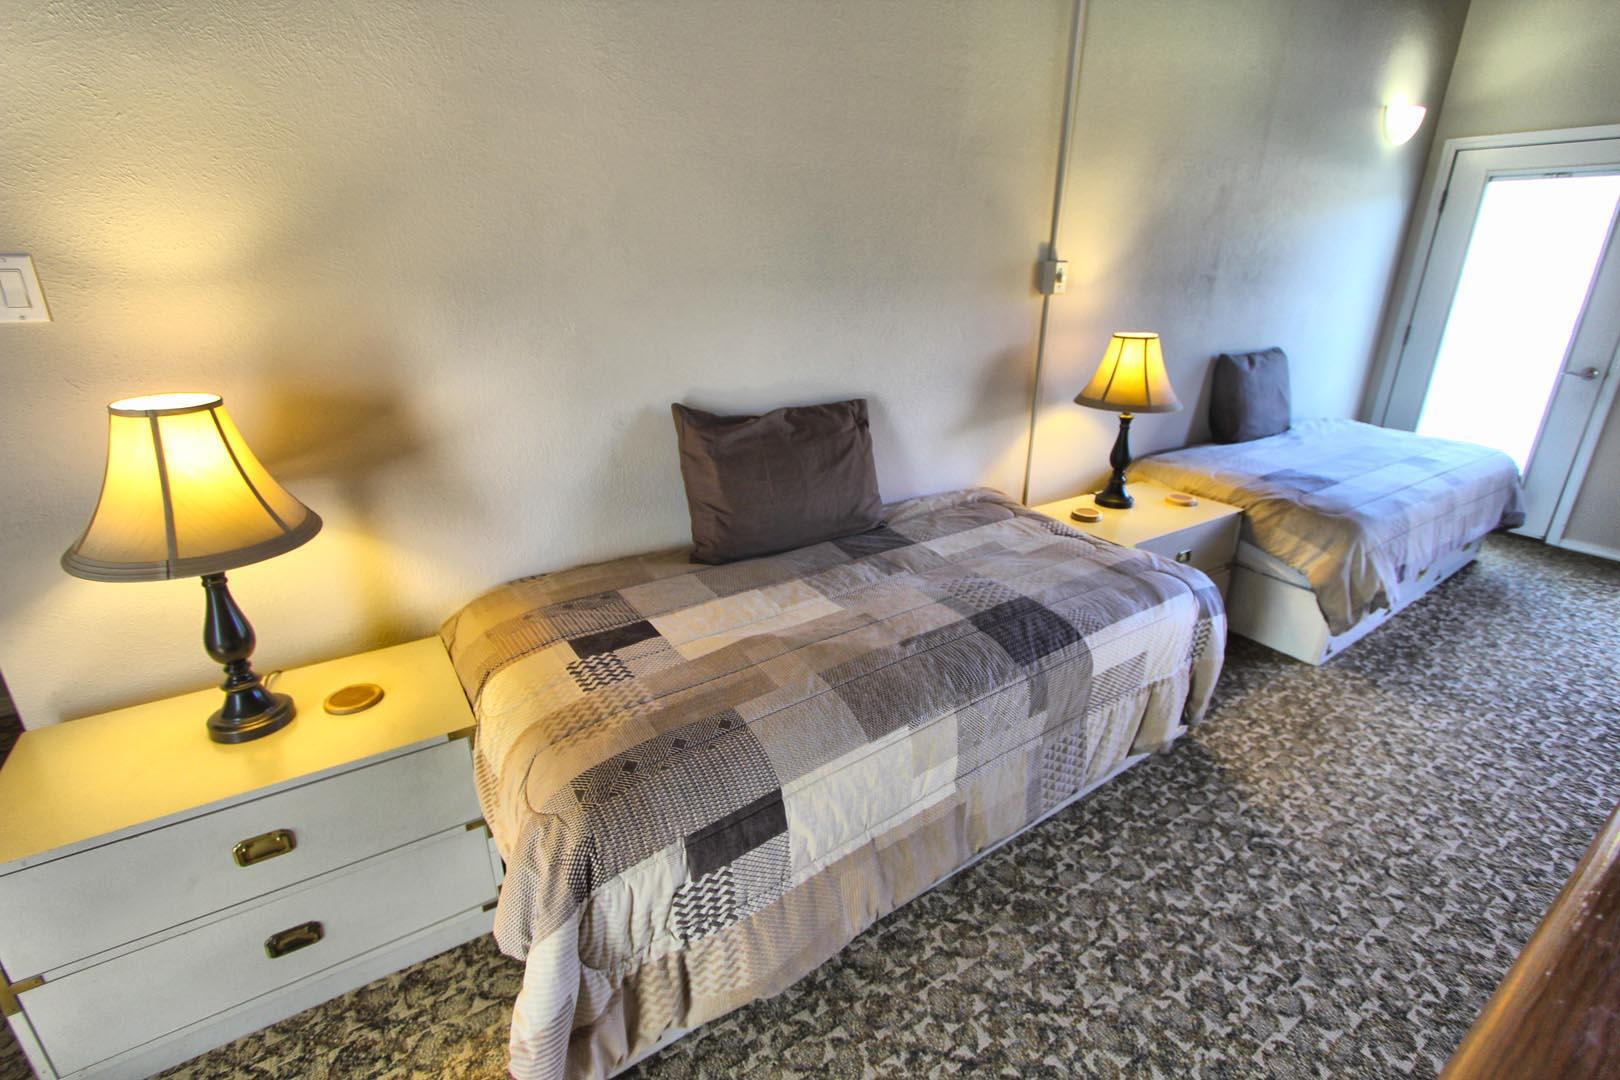 Innsbrooke Village Bedroom